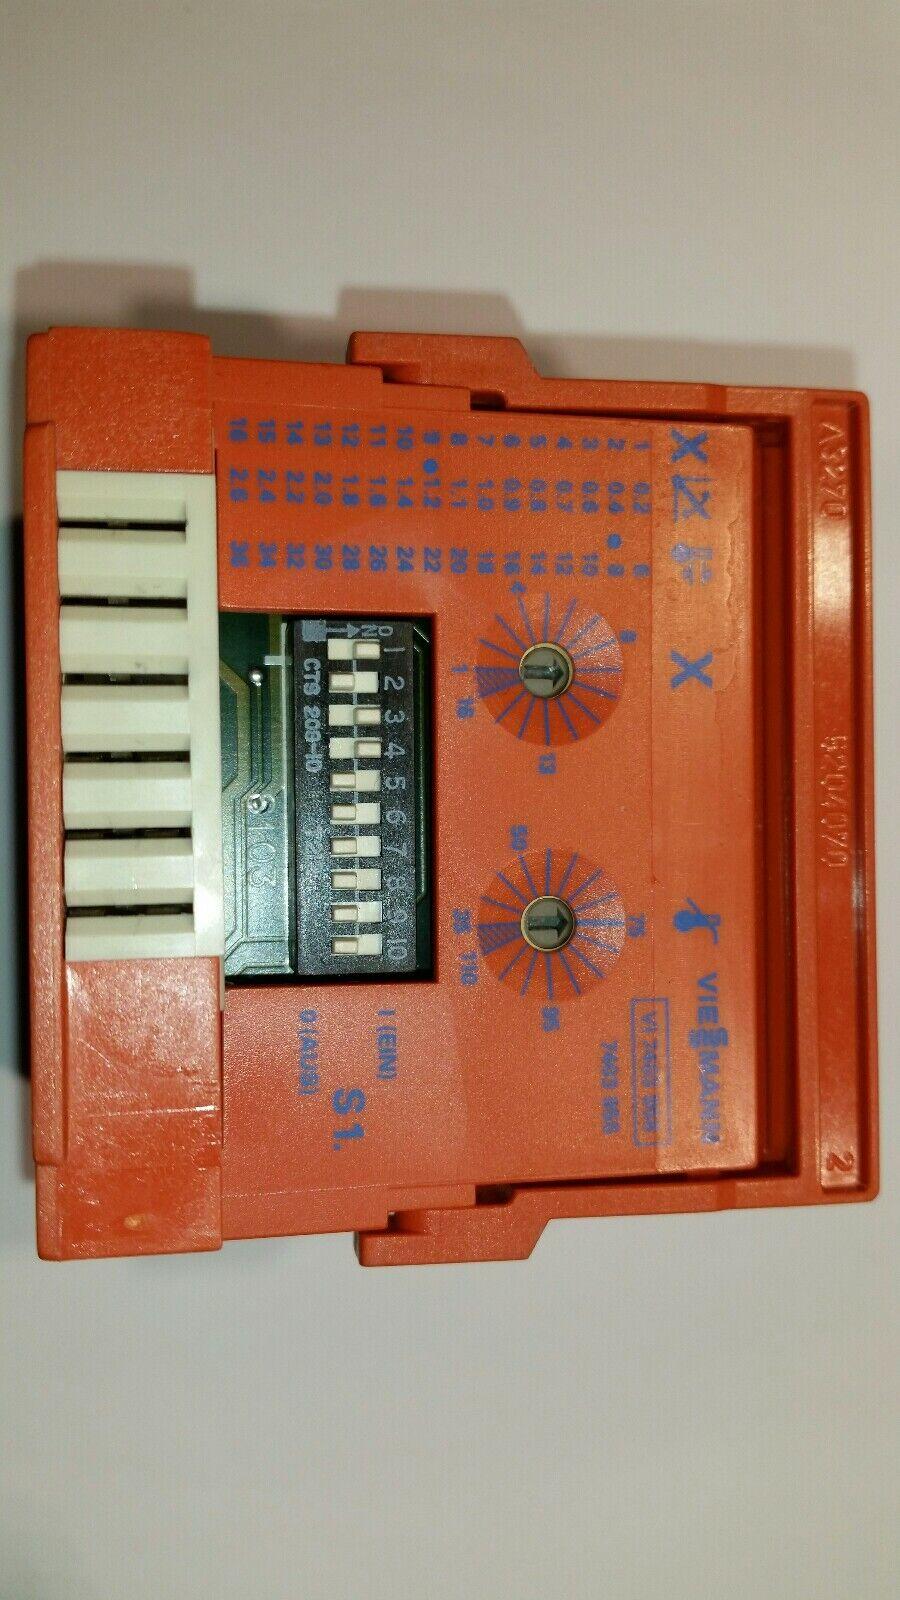 Viessmann Elektronik-Box für Trimatik Regelungen, voll Funktionsfähig, wie Neu.